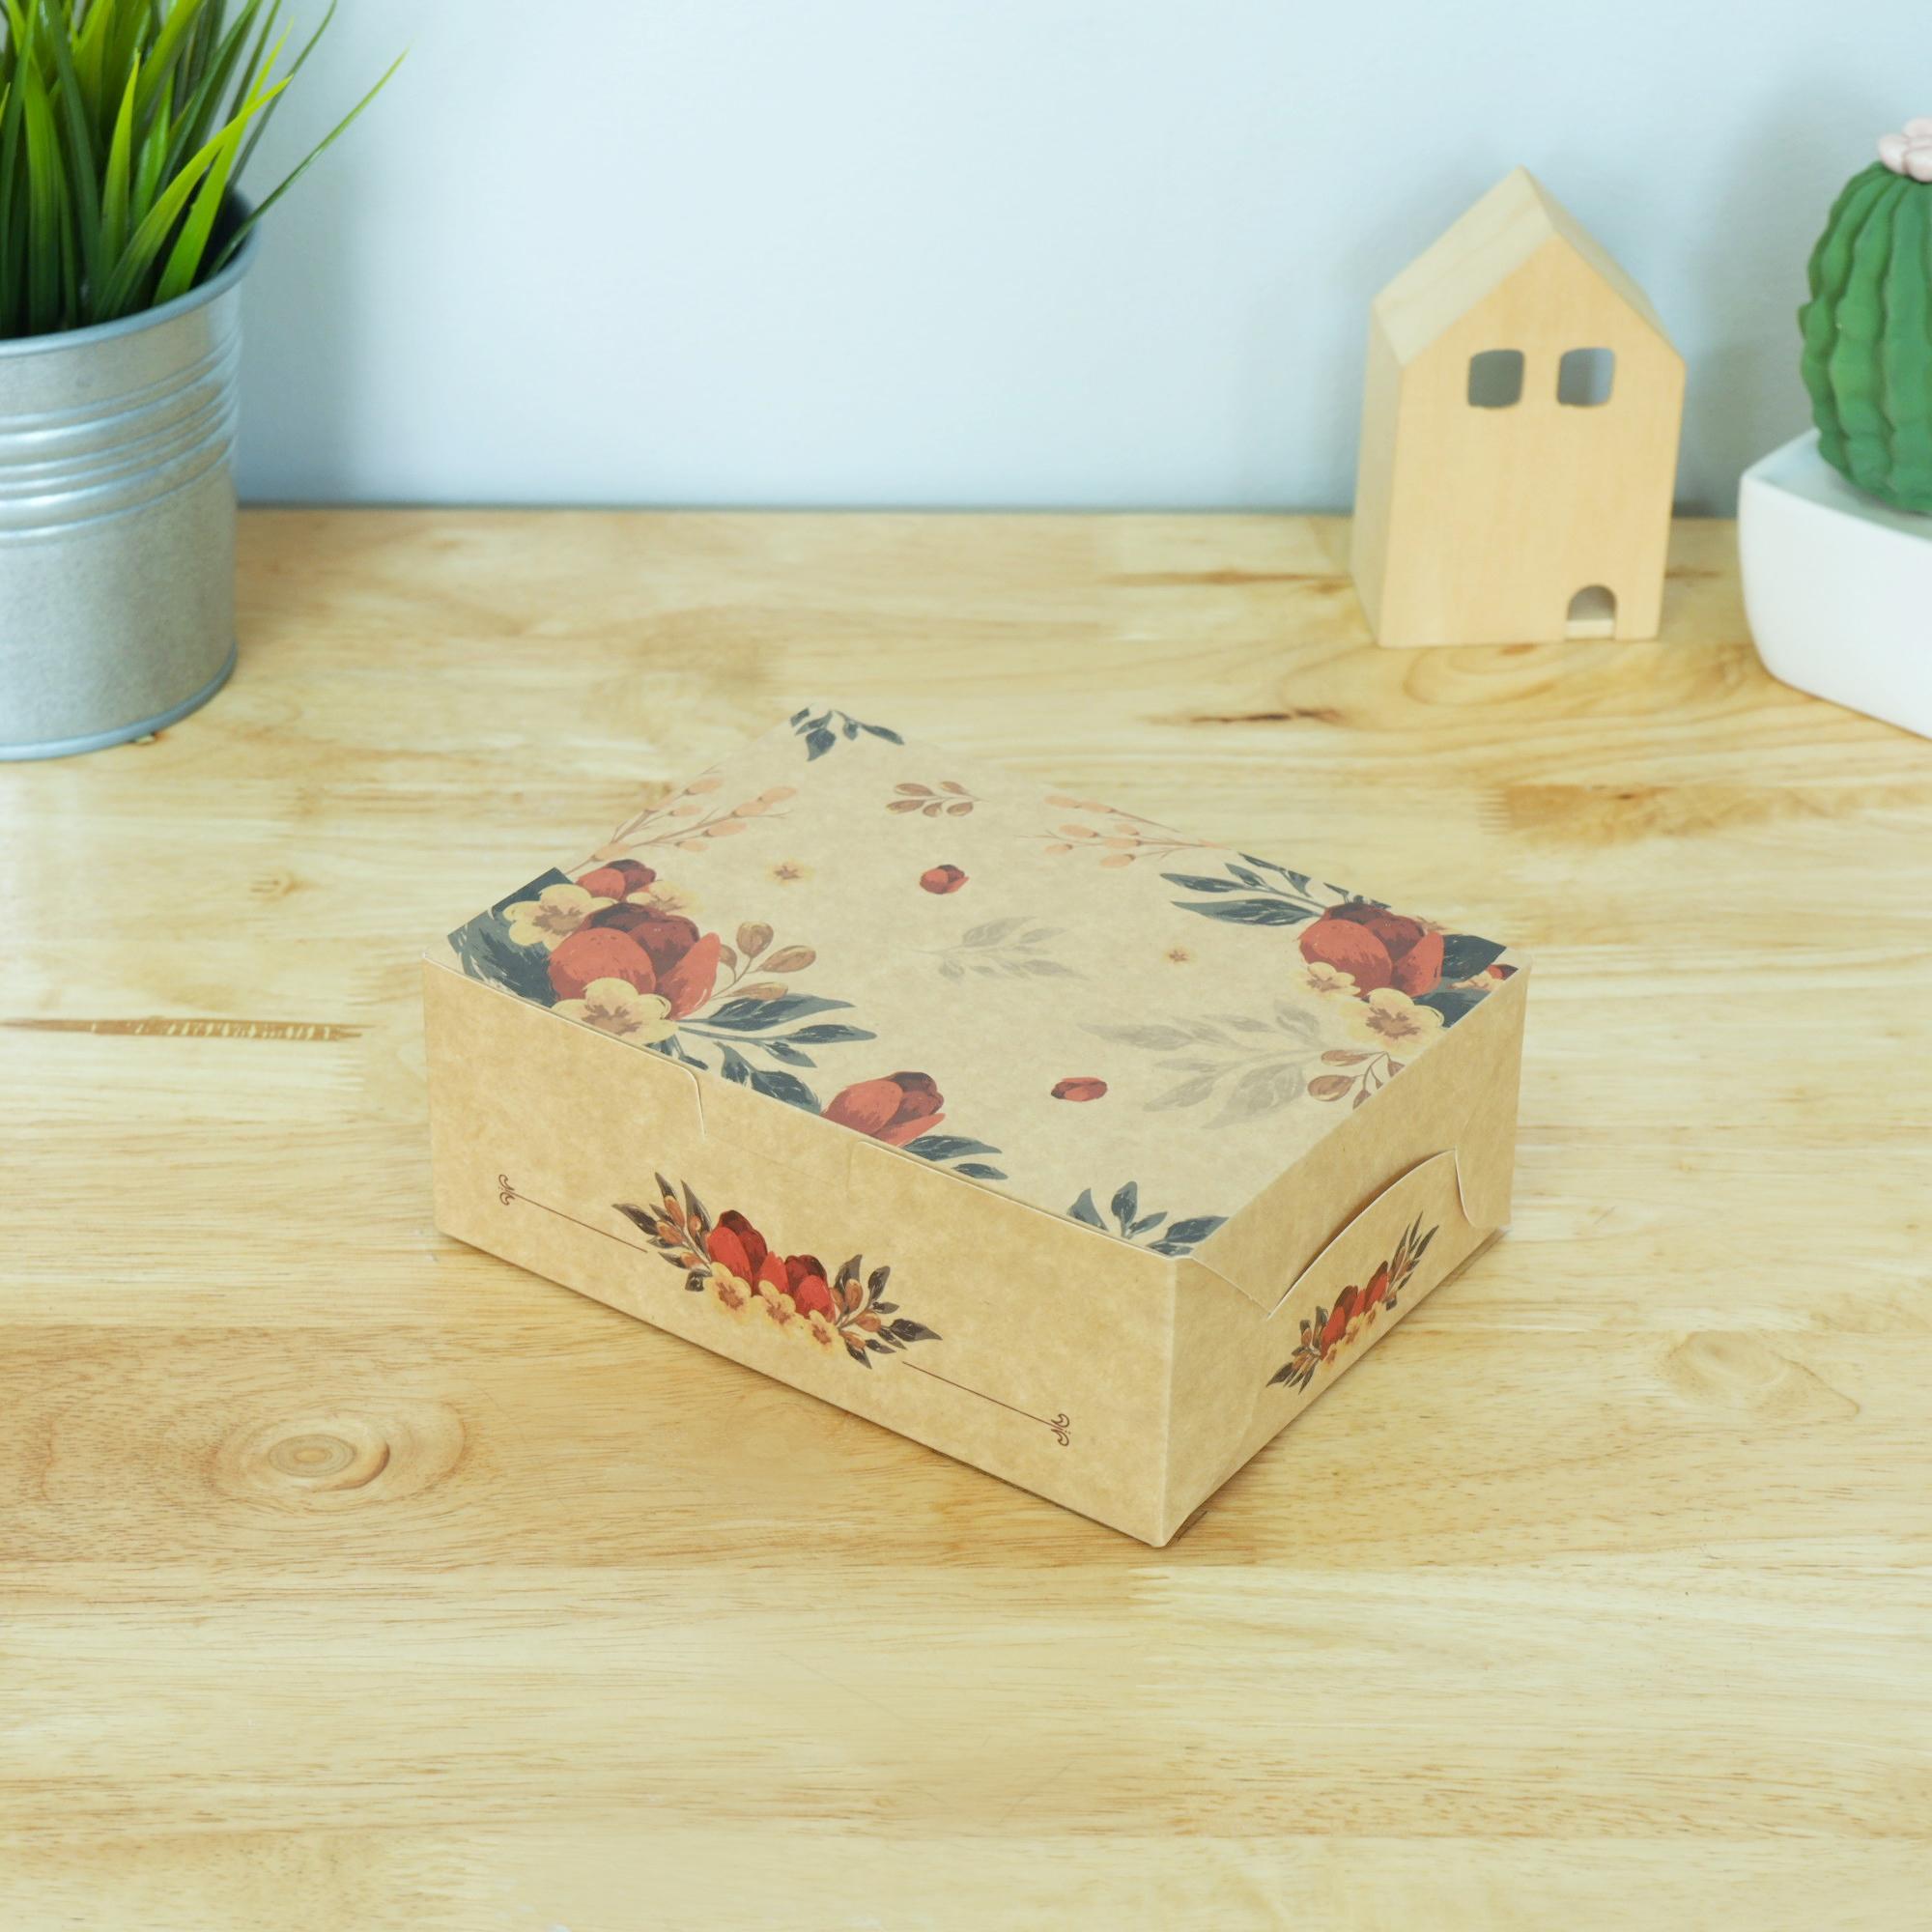 ECO Snack Box ทรงผืนผ้า ลายดอกไม้คลาสสิค